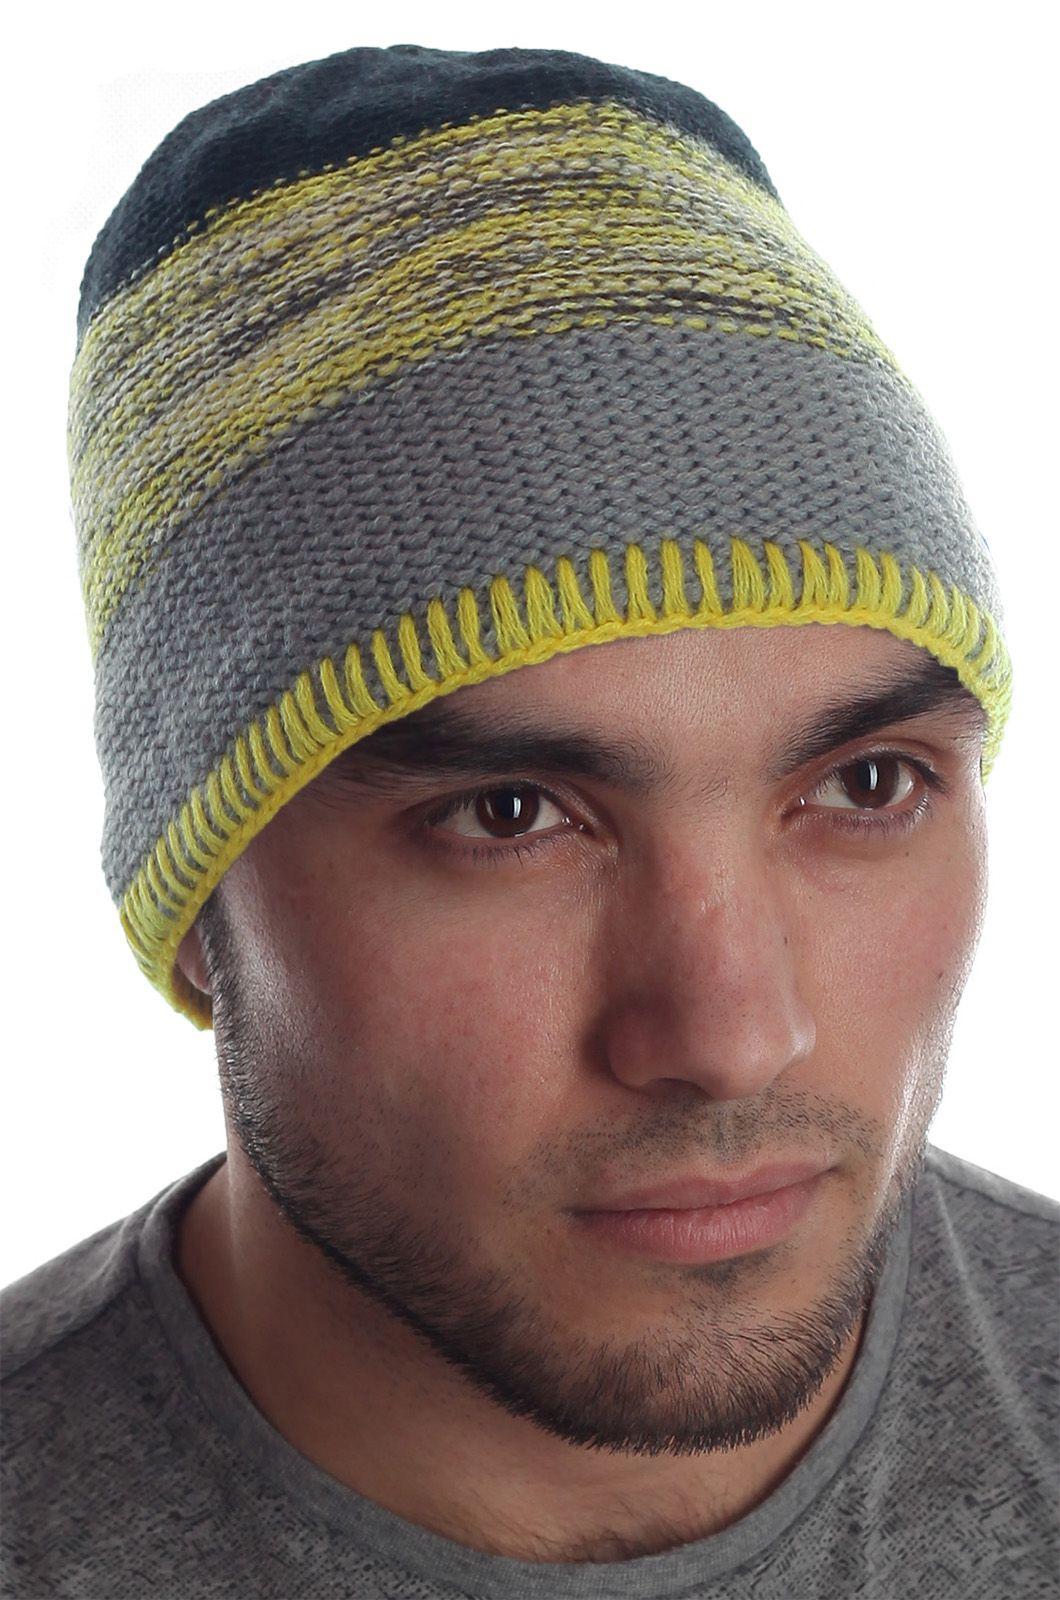 Меланжевая мужская шапка оригинального дизайна на флисовой основе